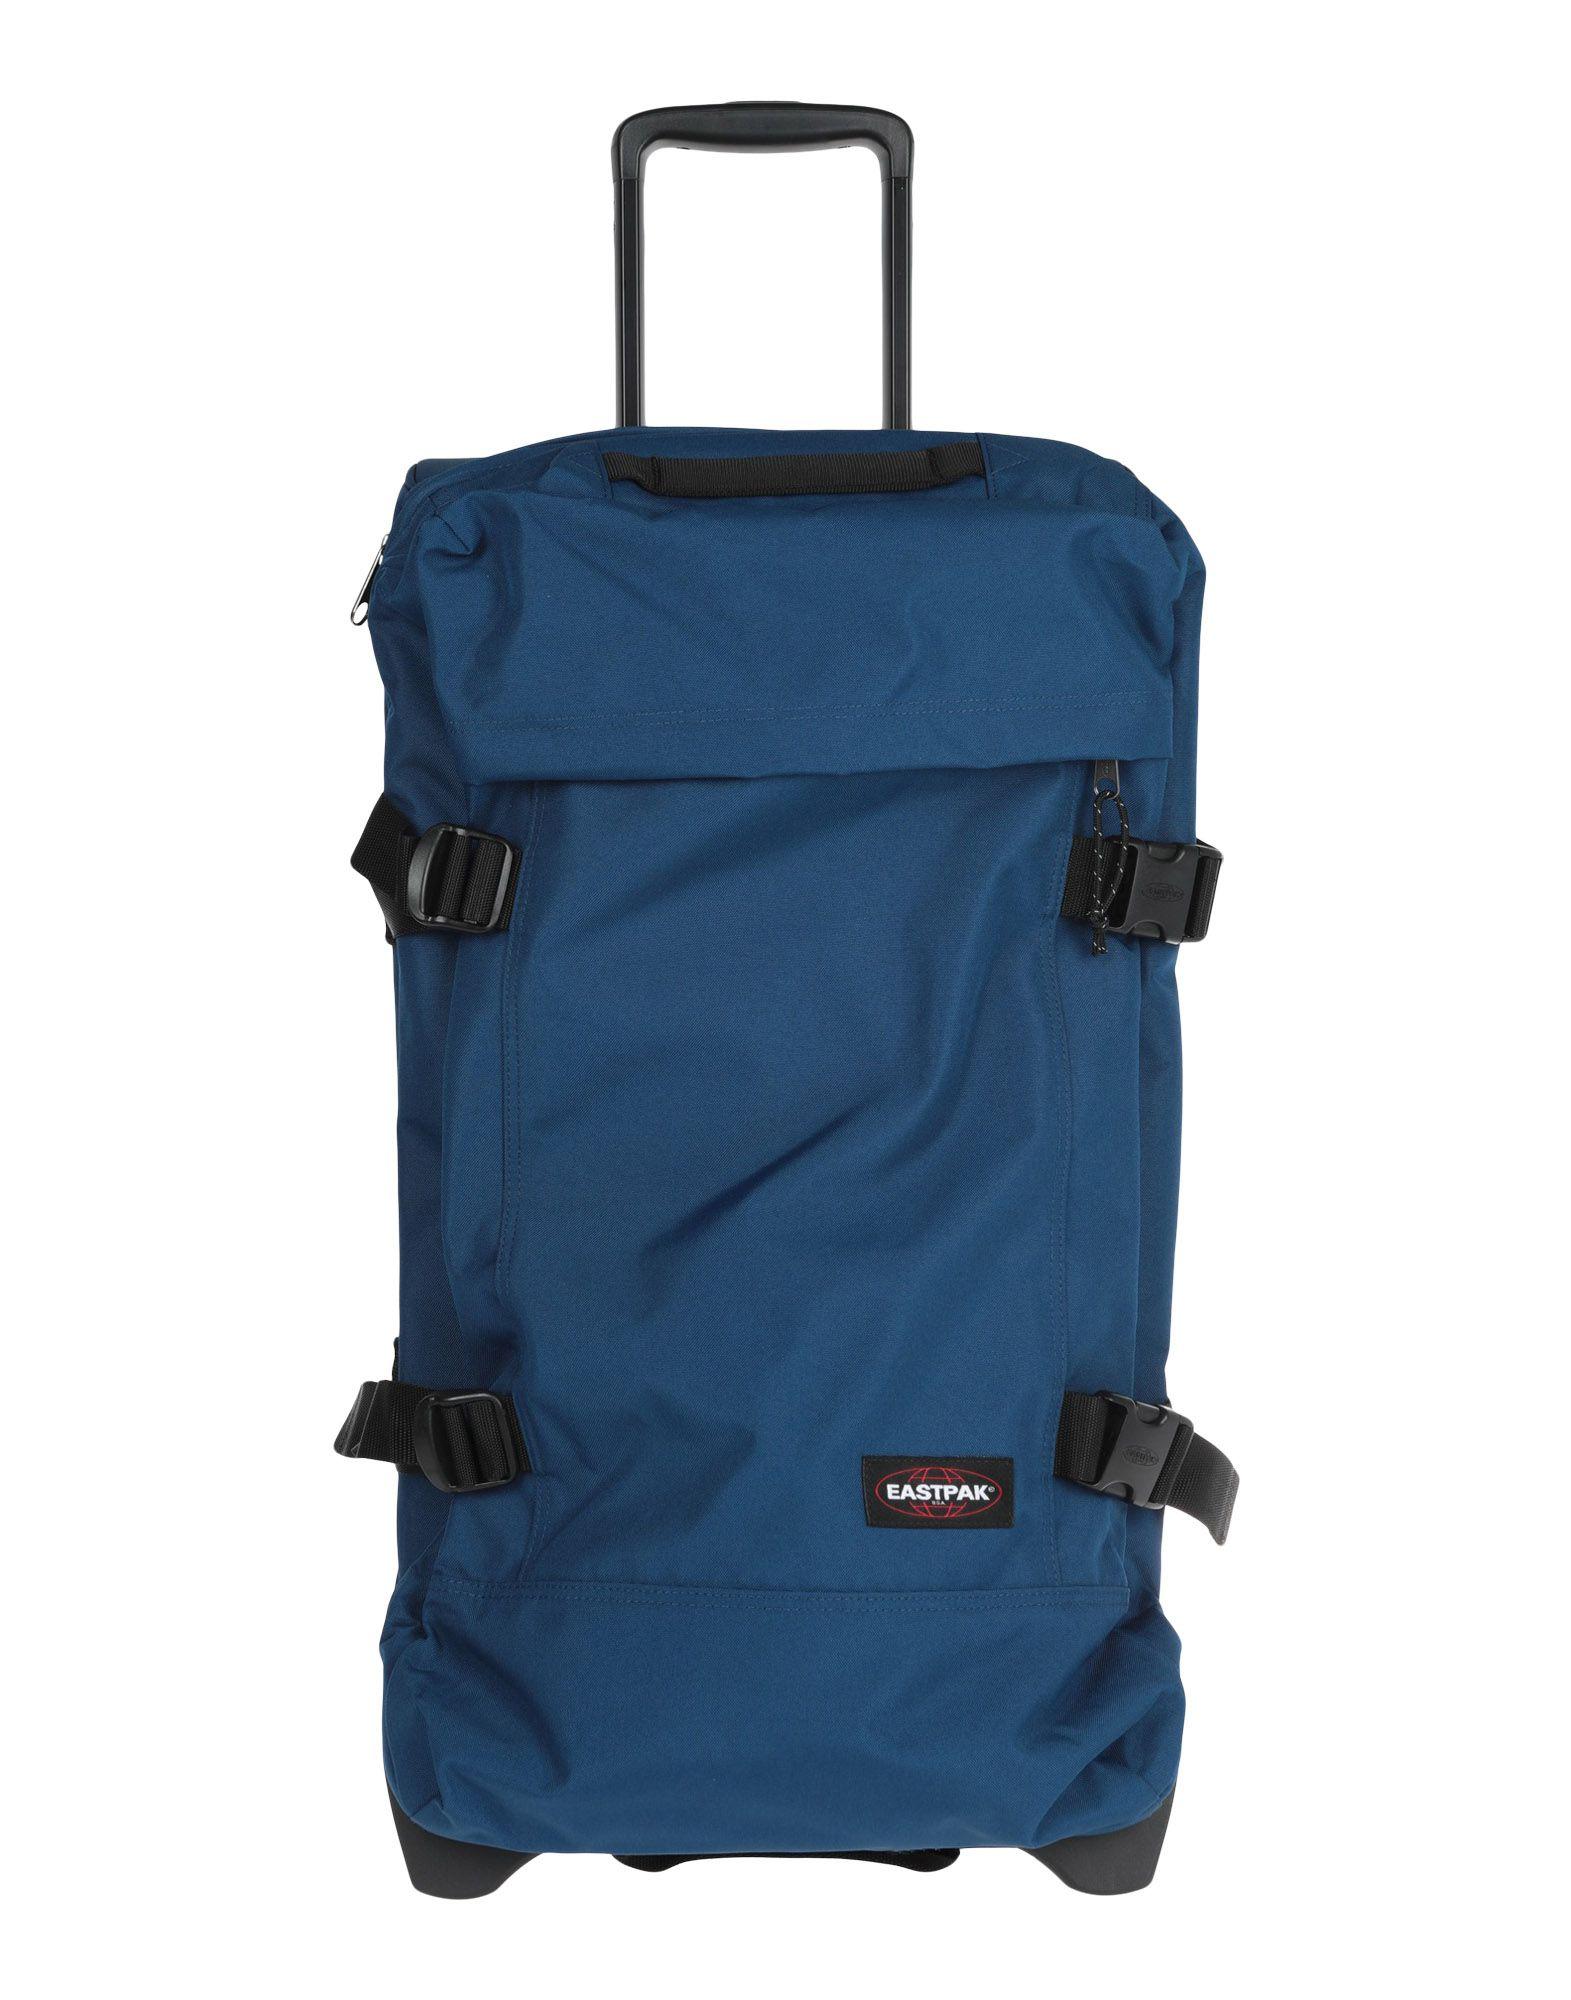 EASTPAK Чемодан/сумка на колесиках чемодан ant travel 8002 3d 16 13